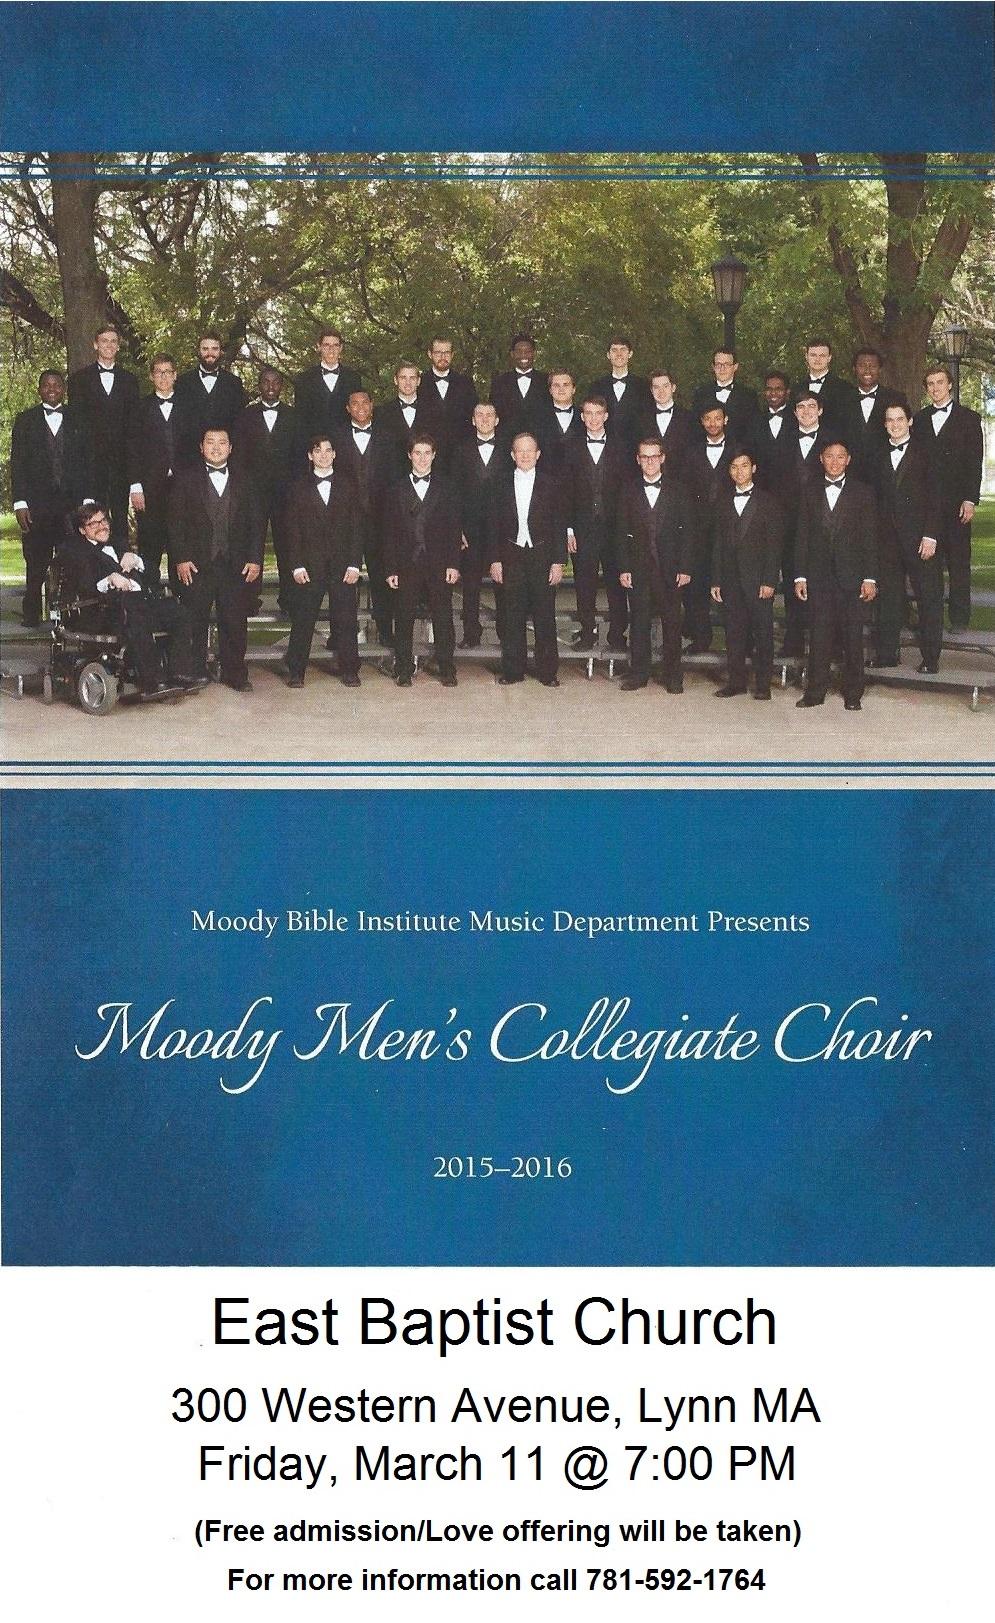 MMCC on 3/11/16 at EBC